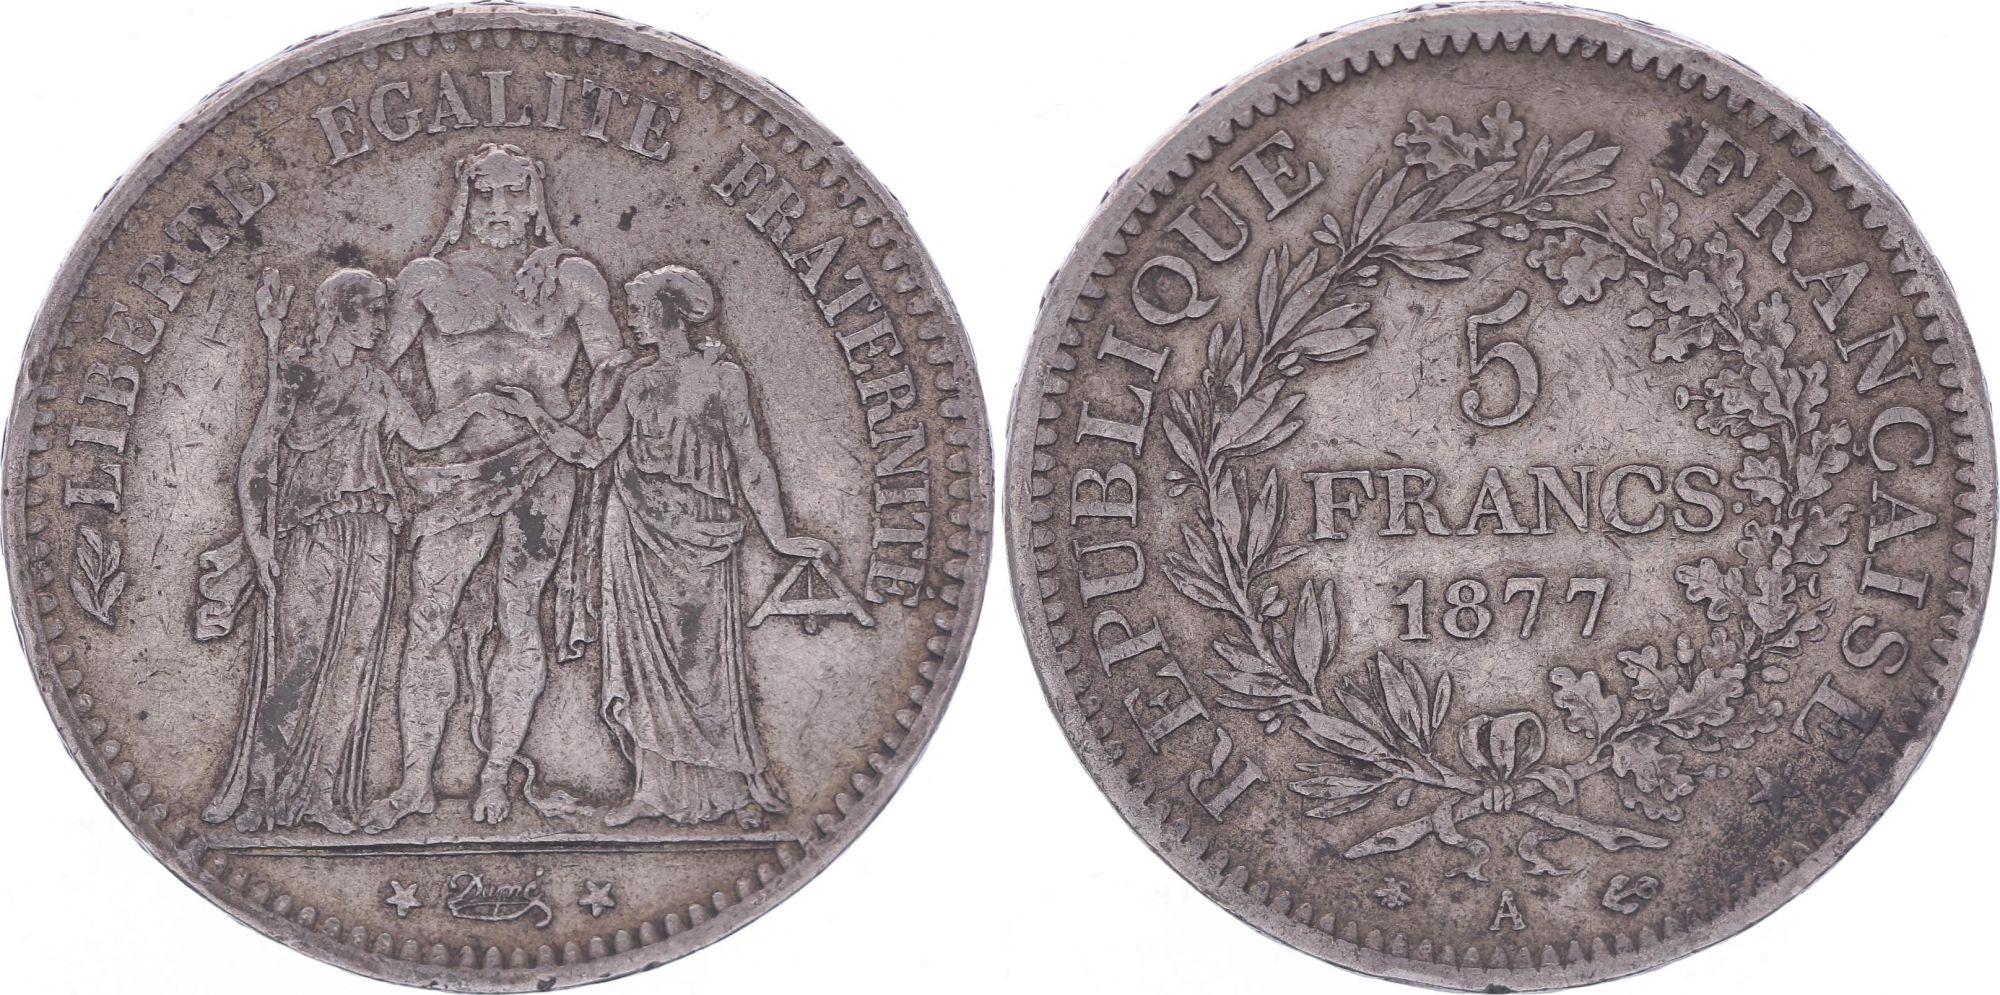 France 5 Francs Hercules - Third Republic - 1877 A Paris - F+